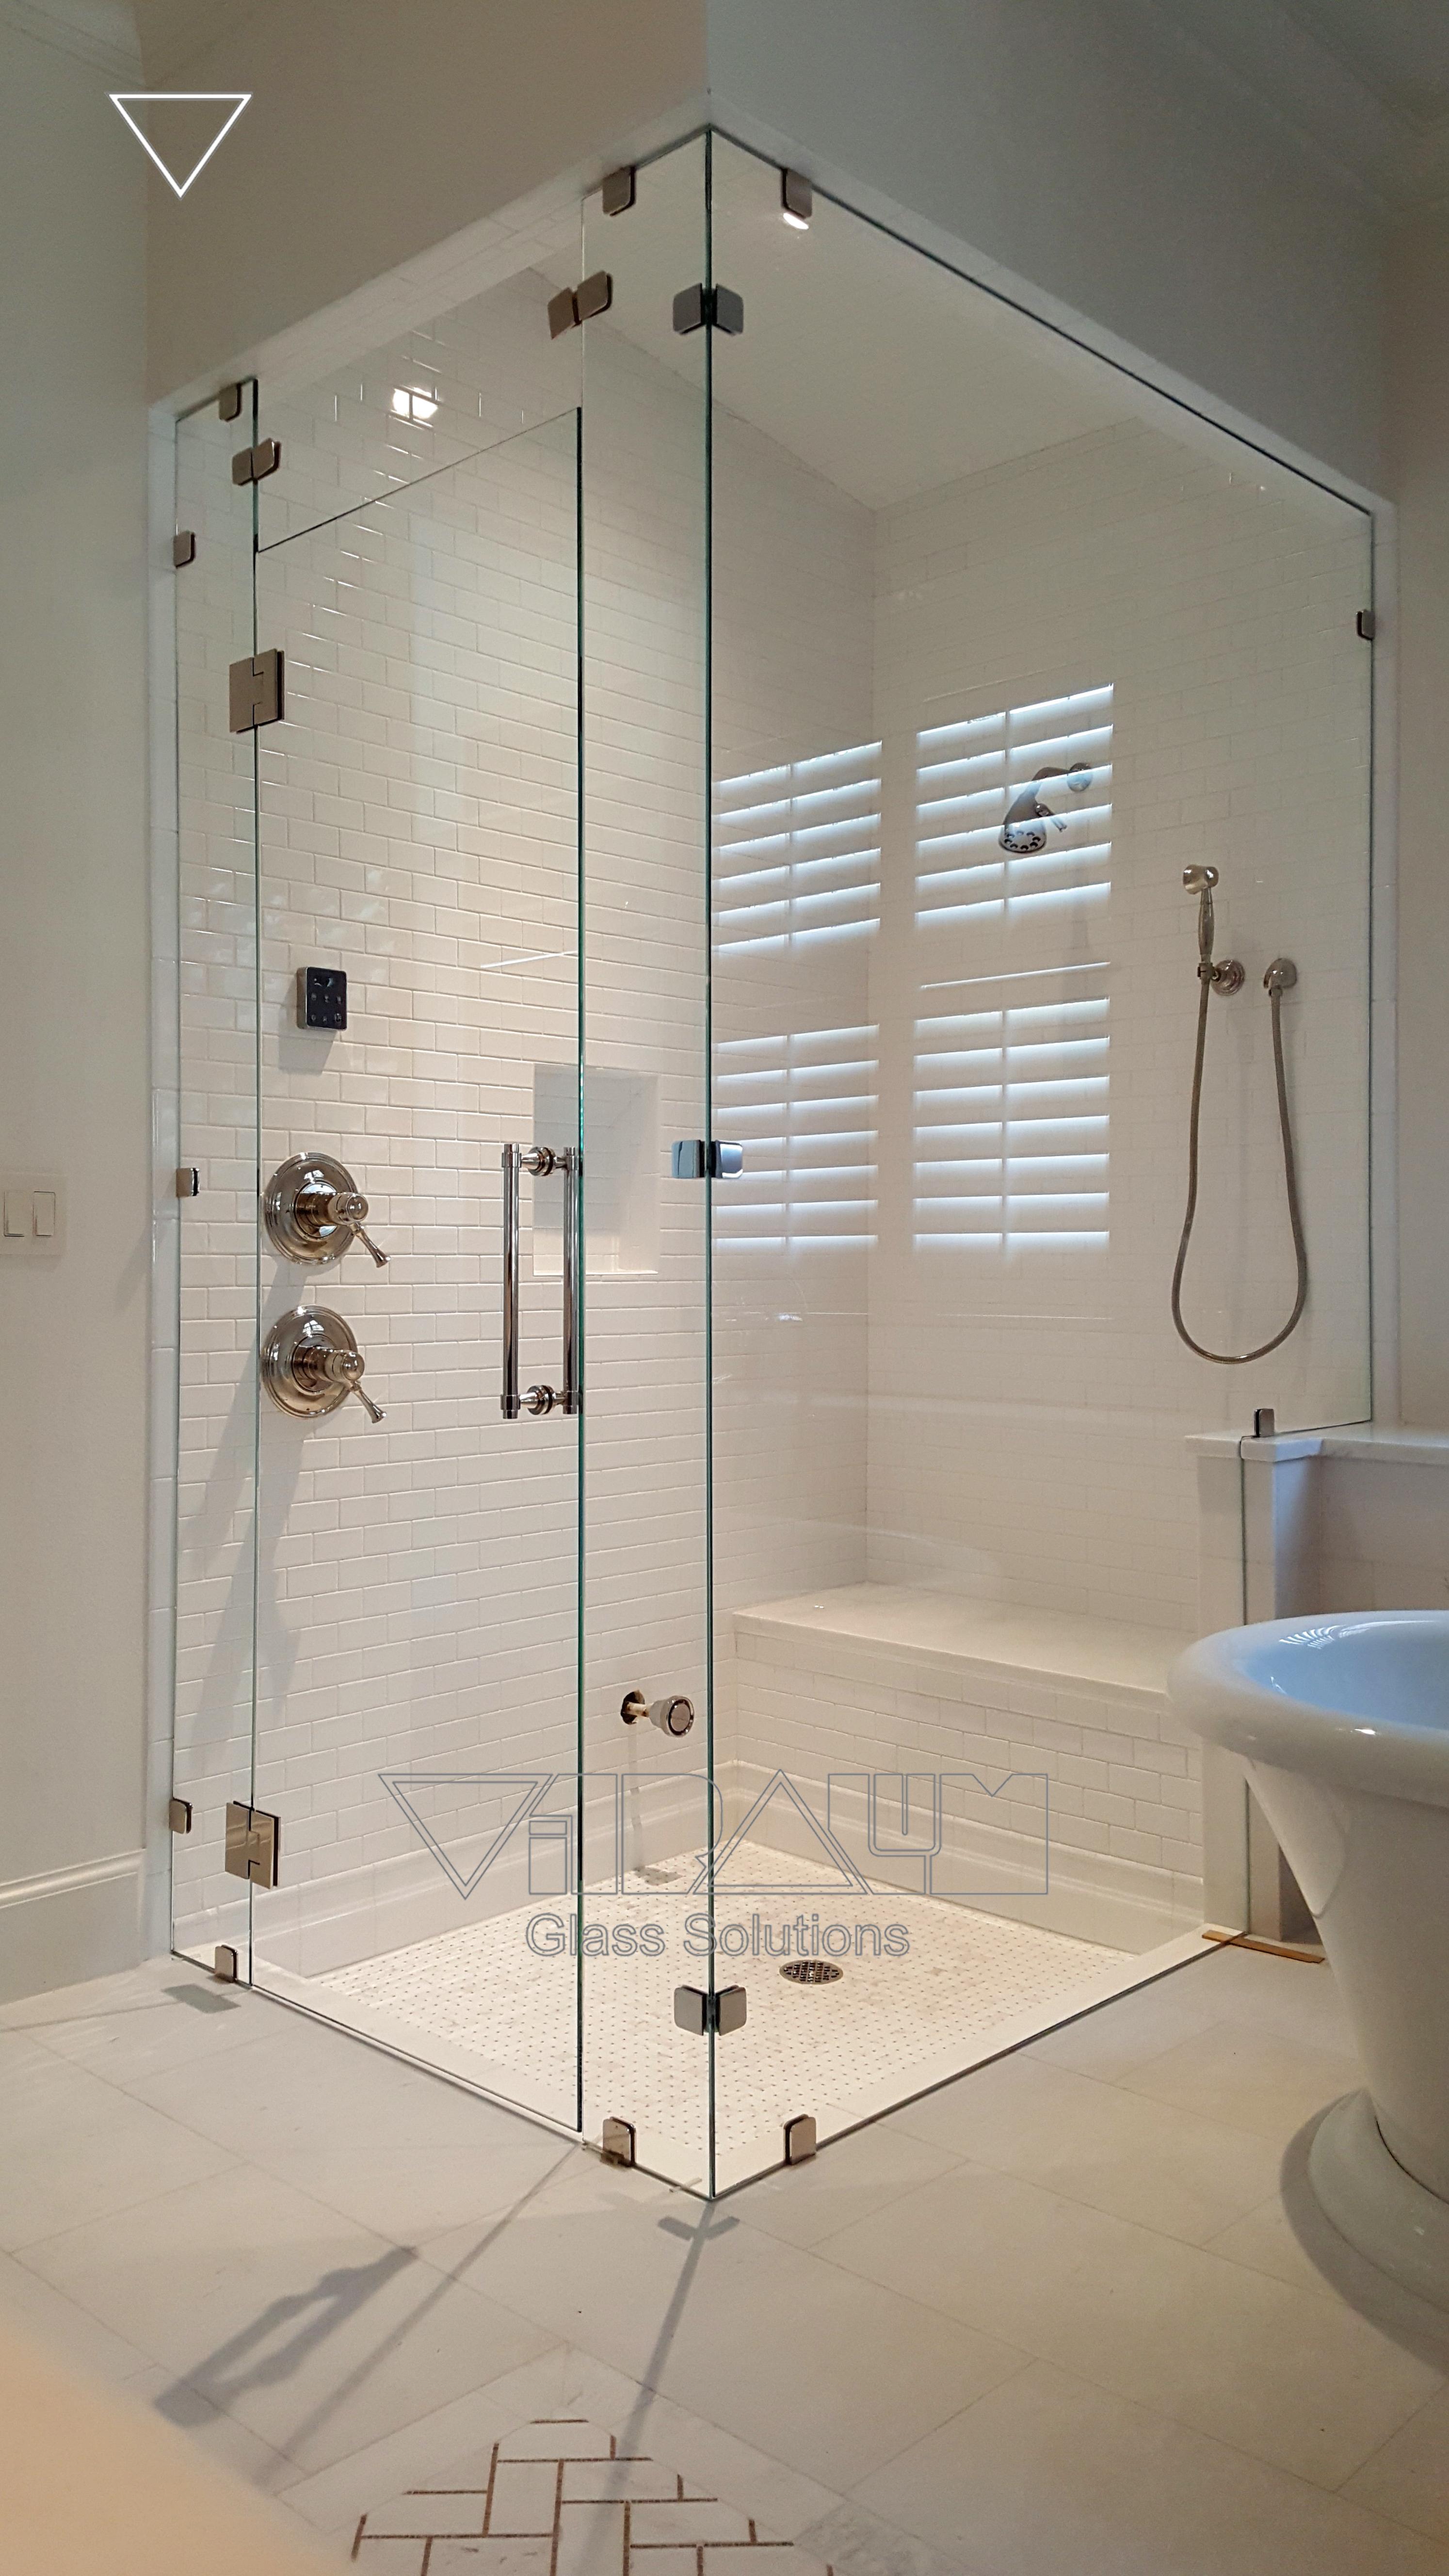 Nineties Frameless Shower Doors Vitralum Glass Solutions